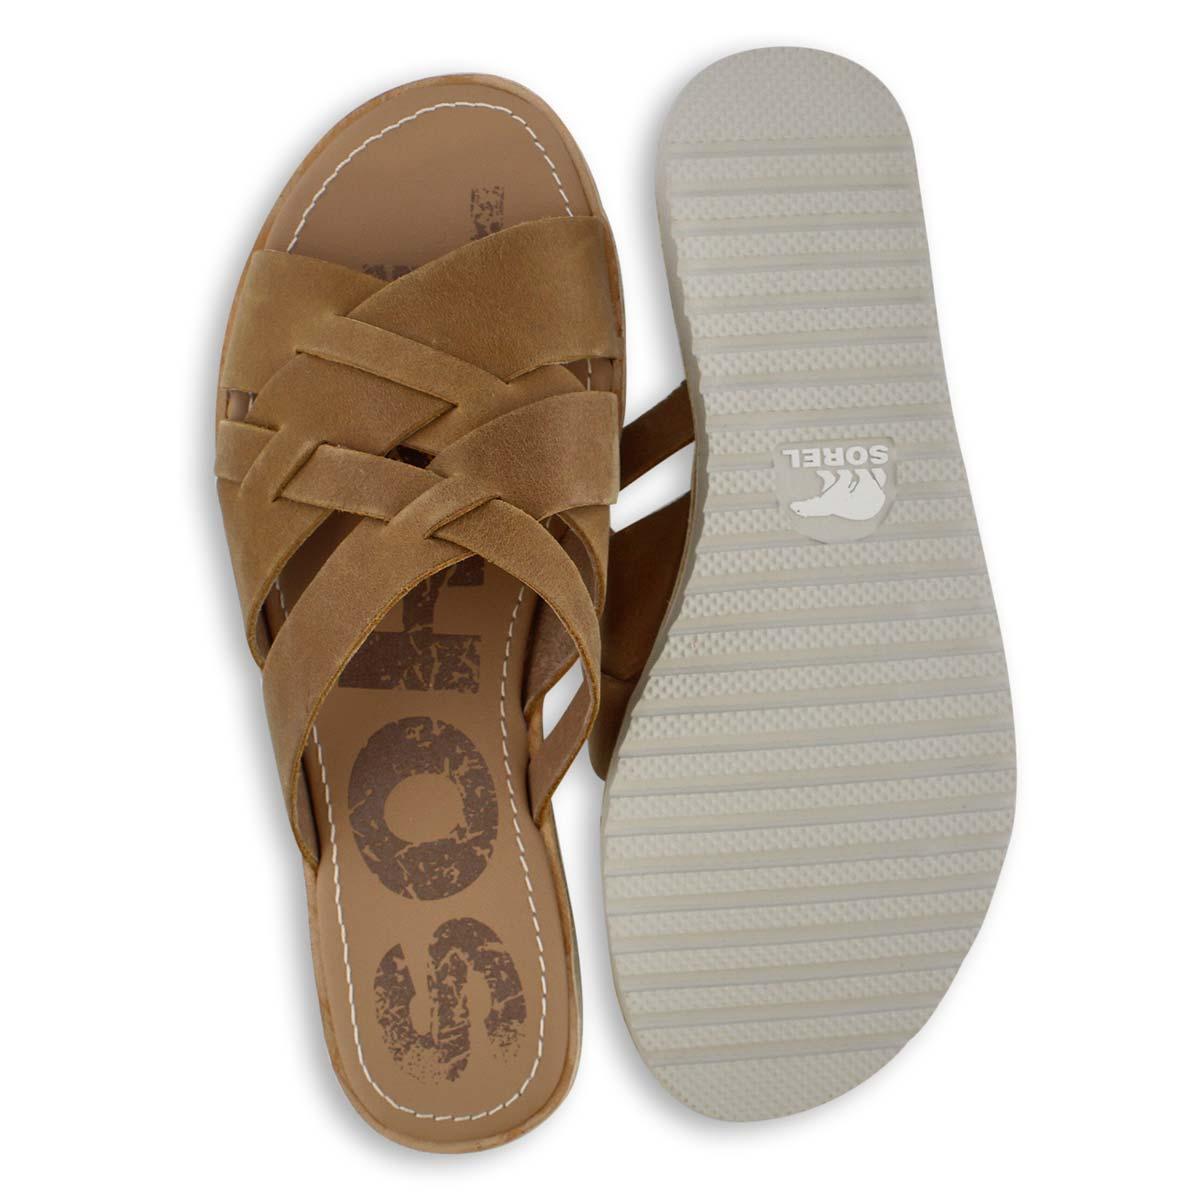 Lds Ella camel brn casual slide sandal